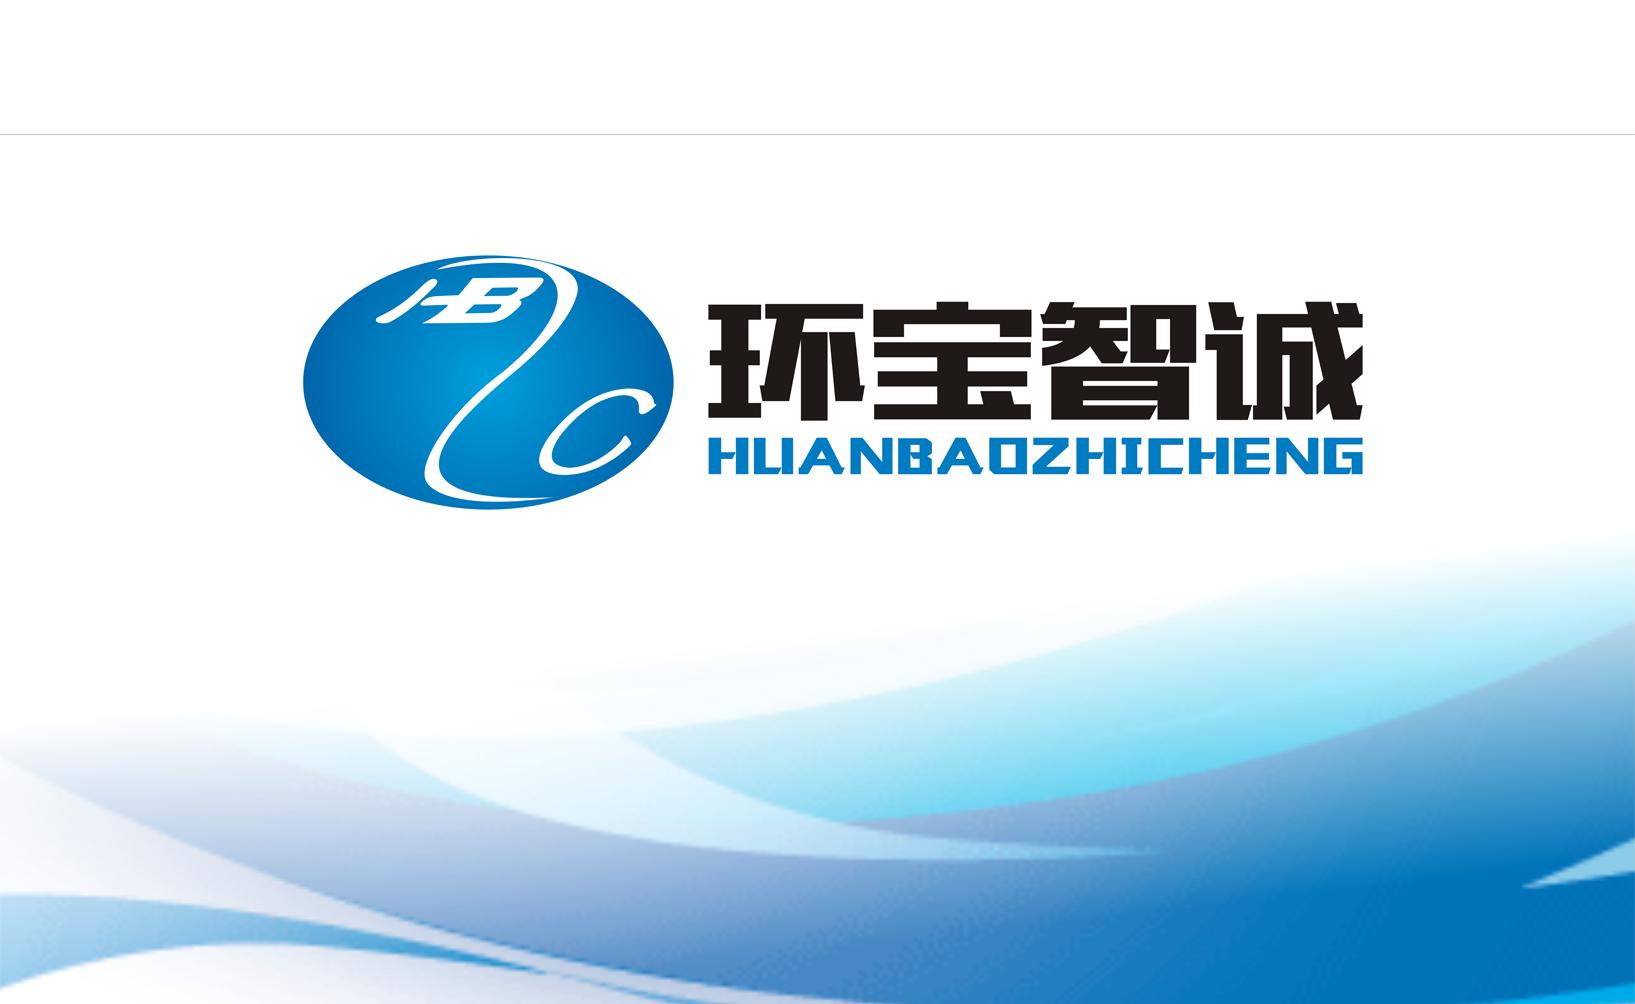 企业logo设计 - 乌鲁木齐市凤凰中天品牌形象管理有限